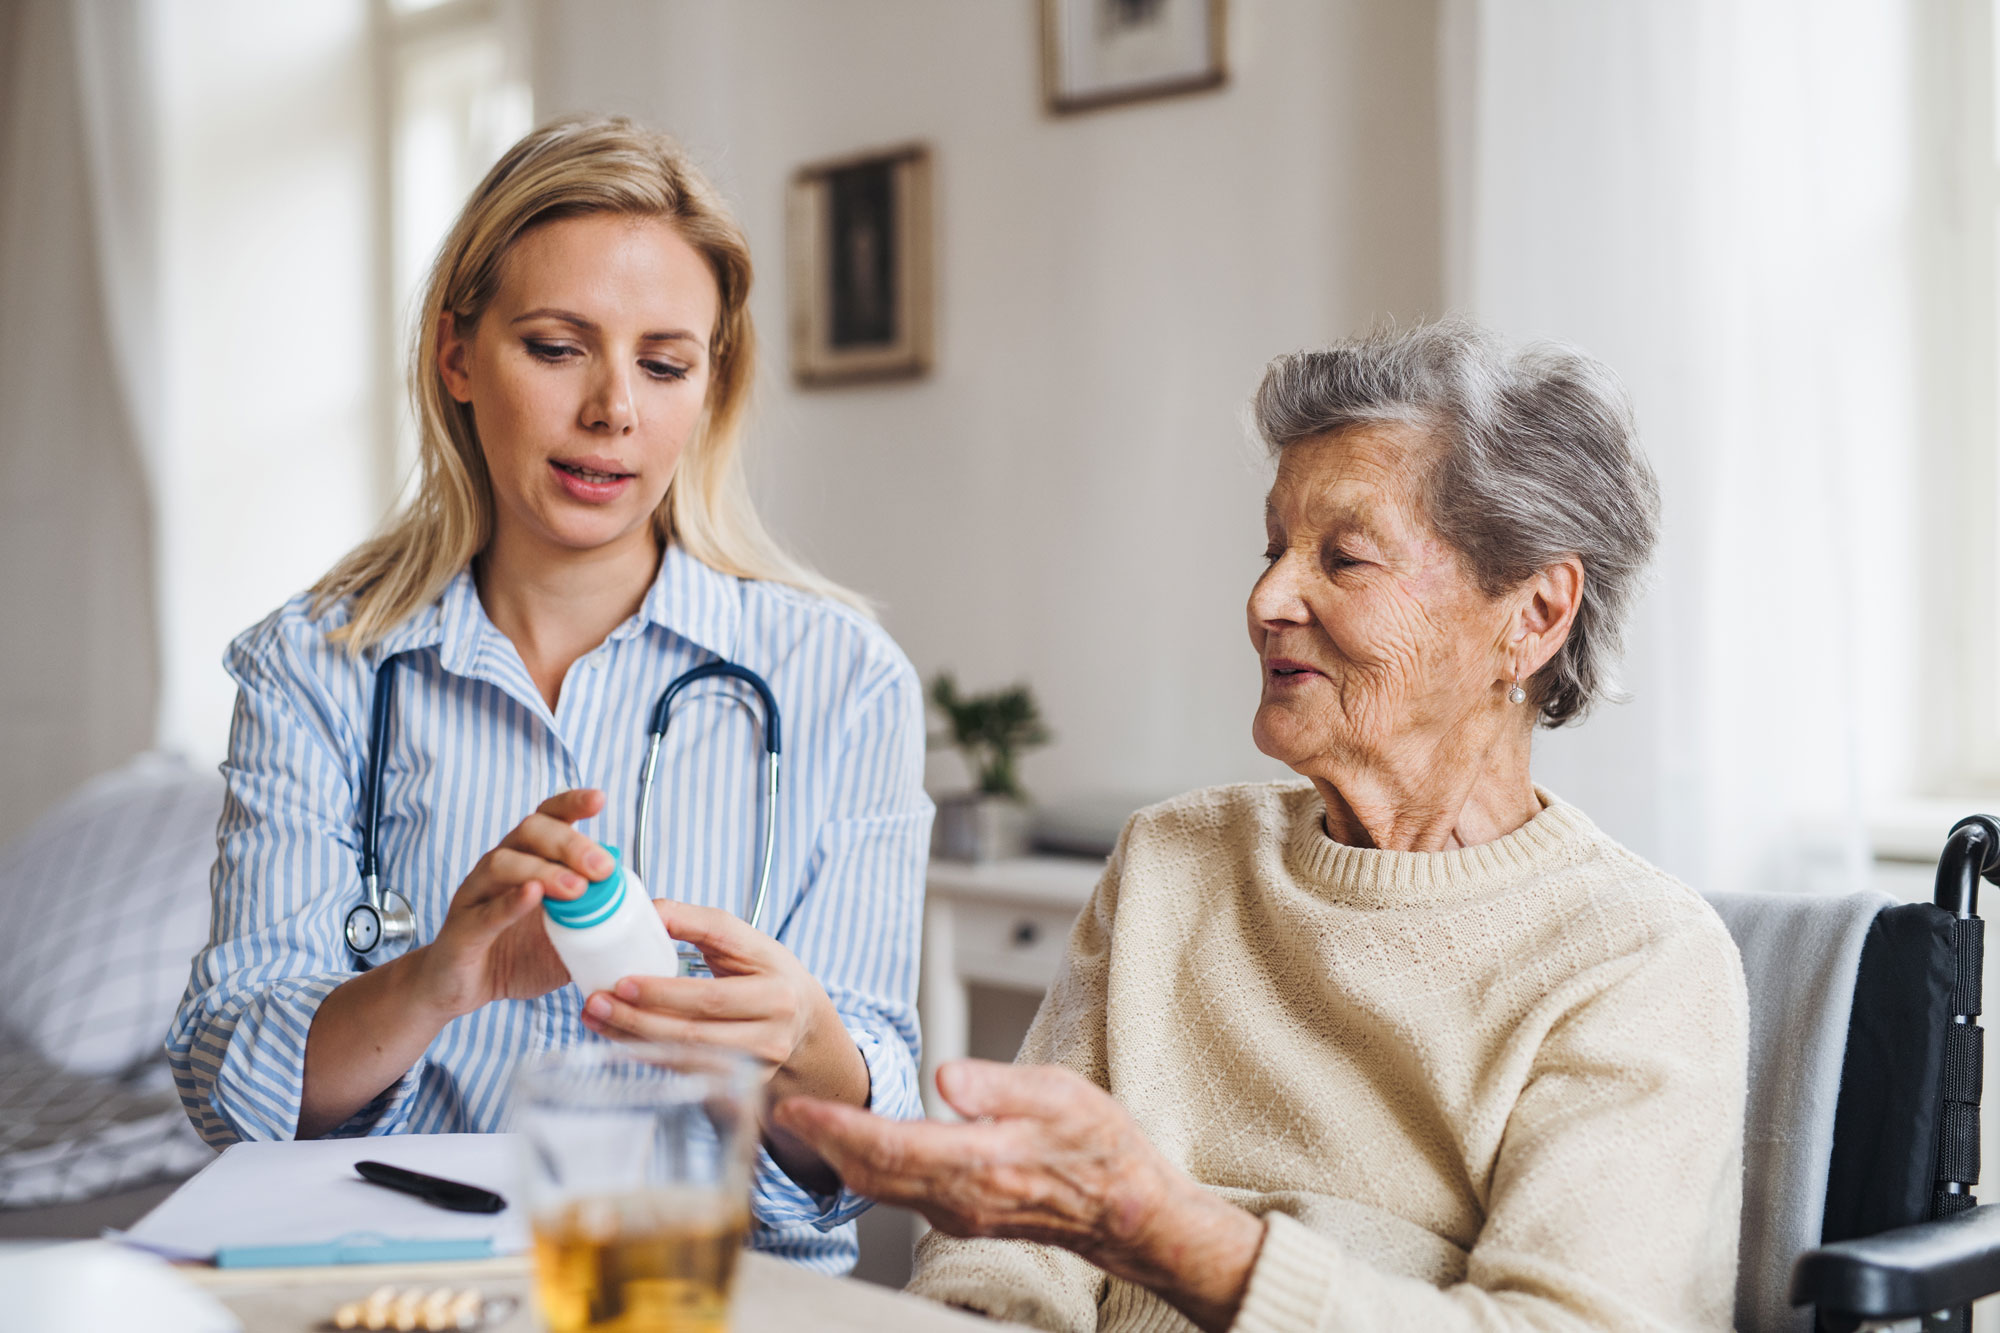 Pleier gir medisin til eldre dame. Foto.